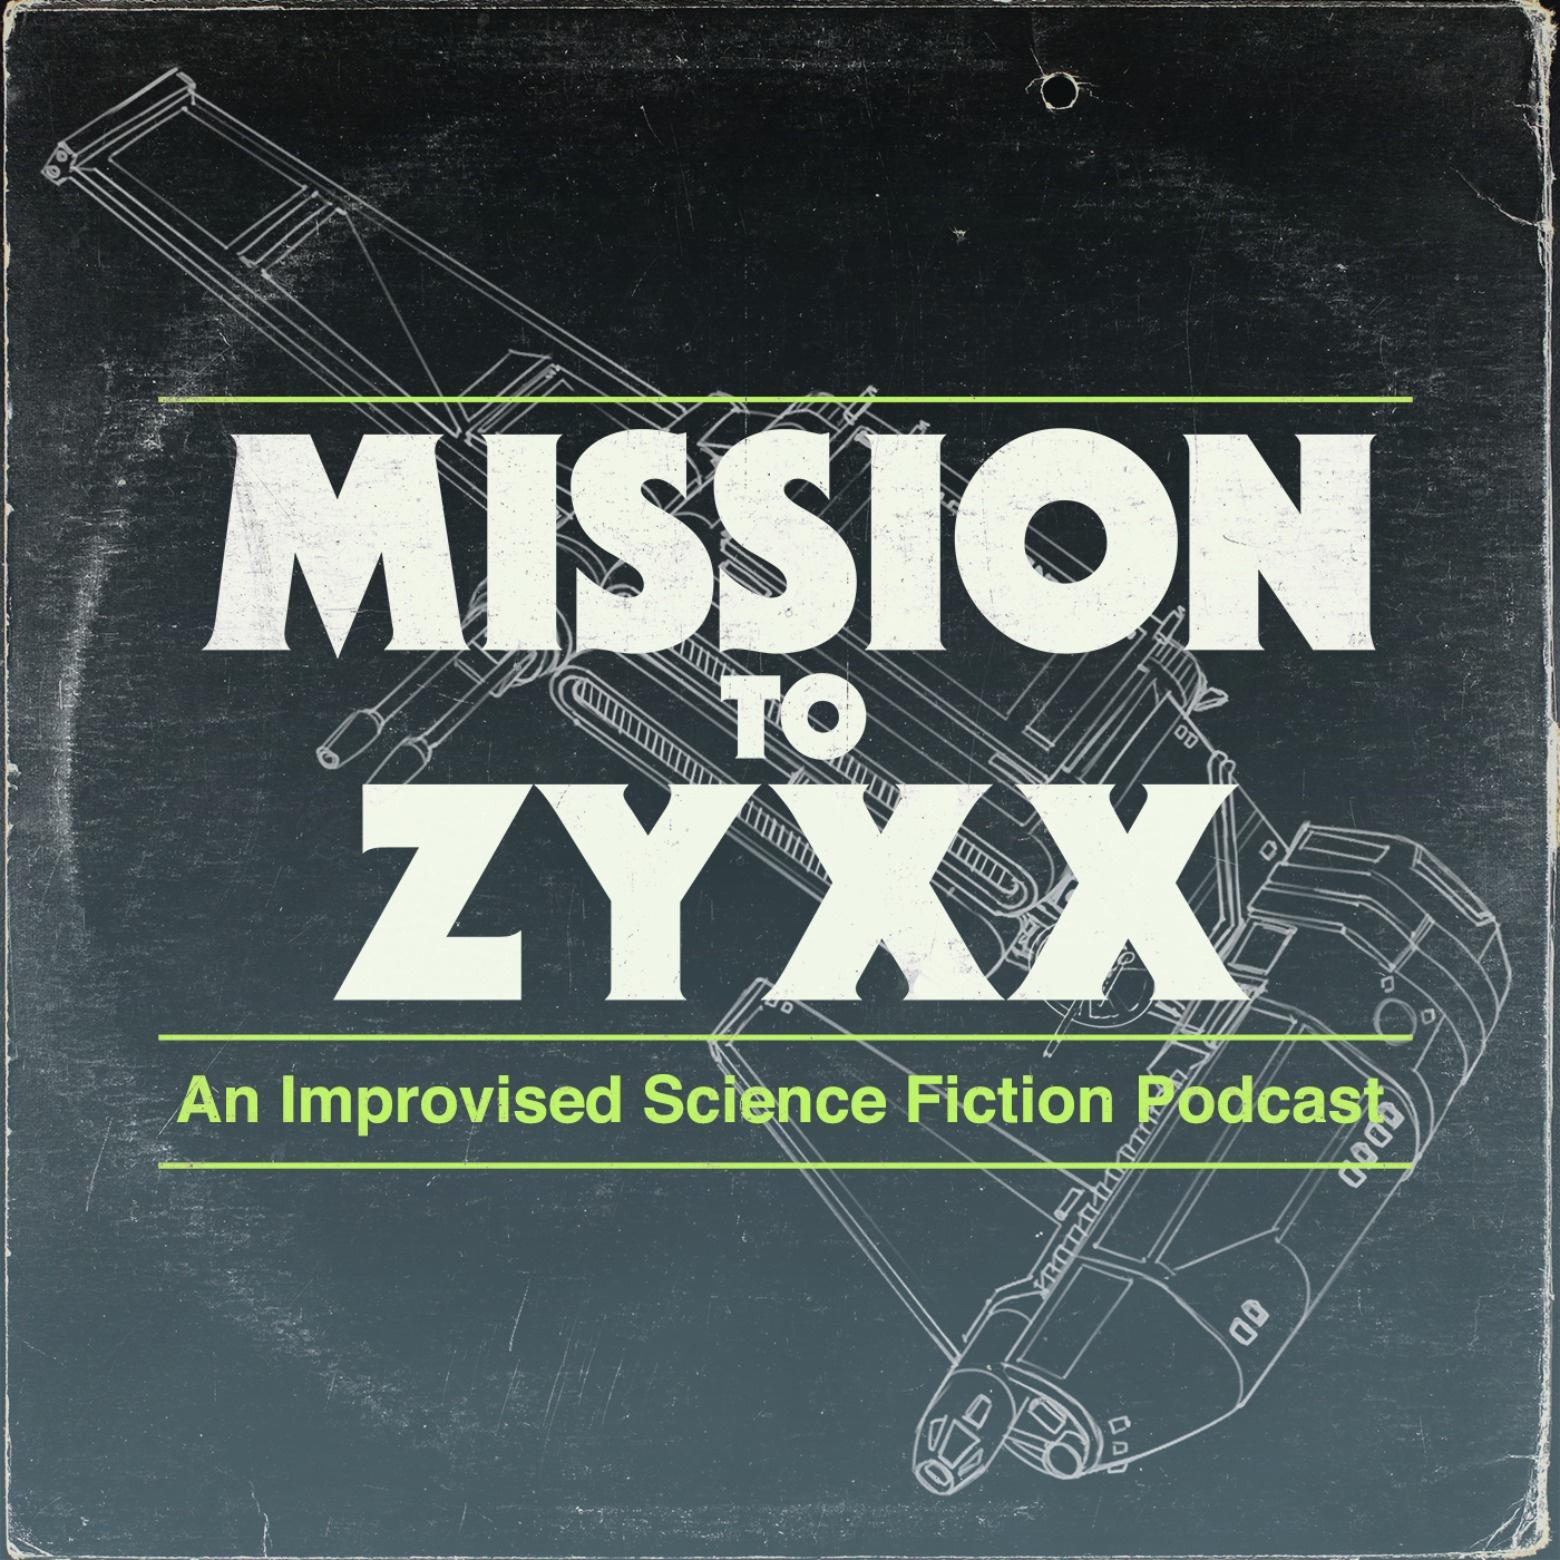 Mission To Zyxx Podcast